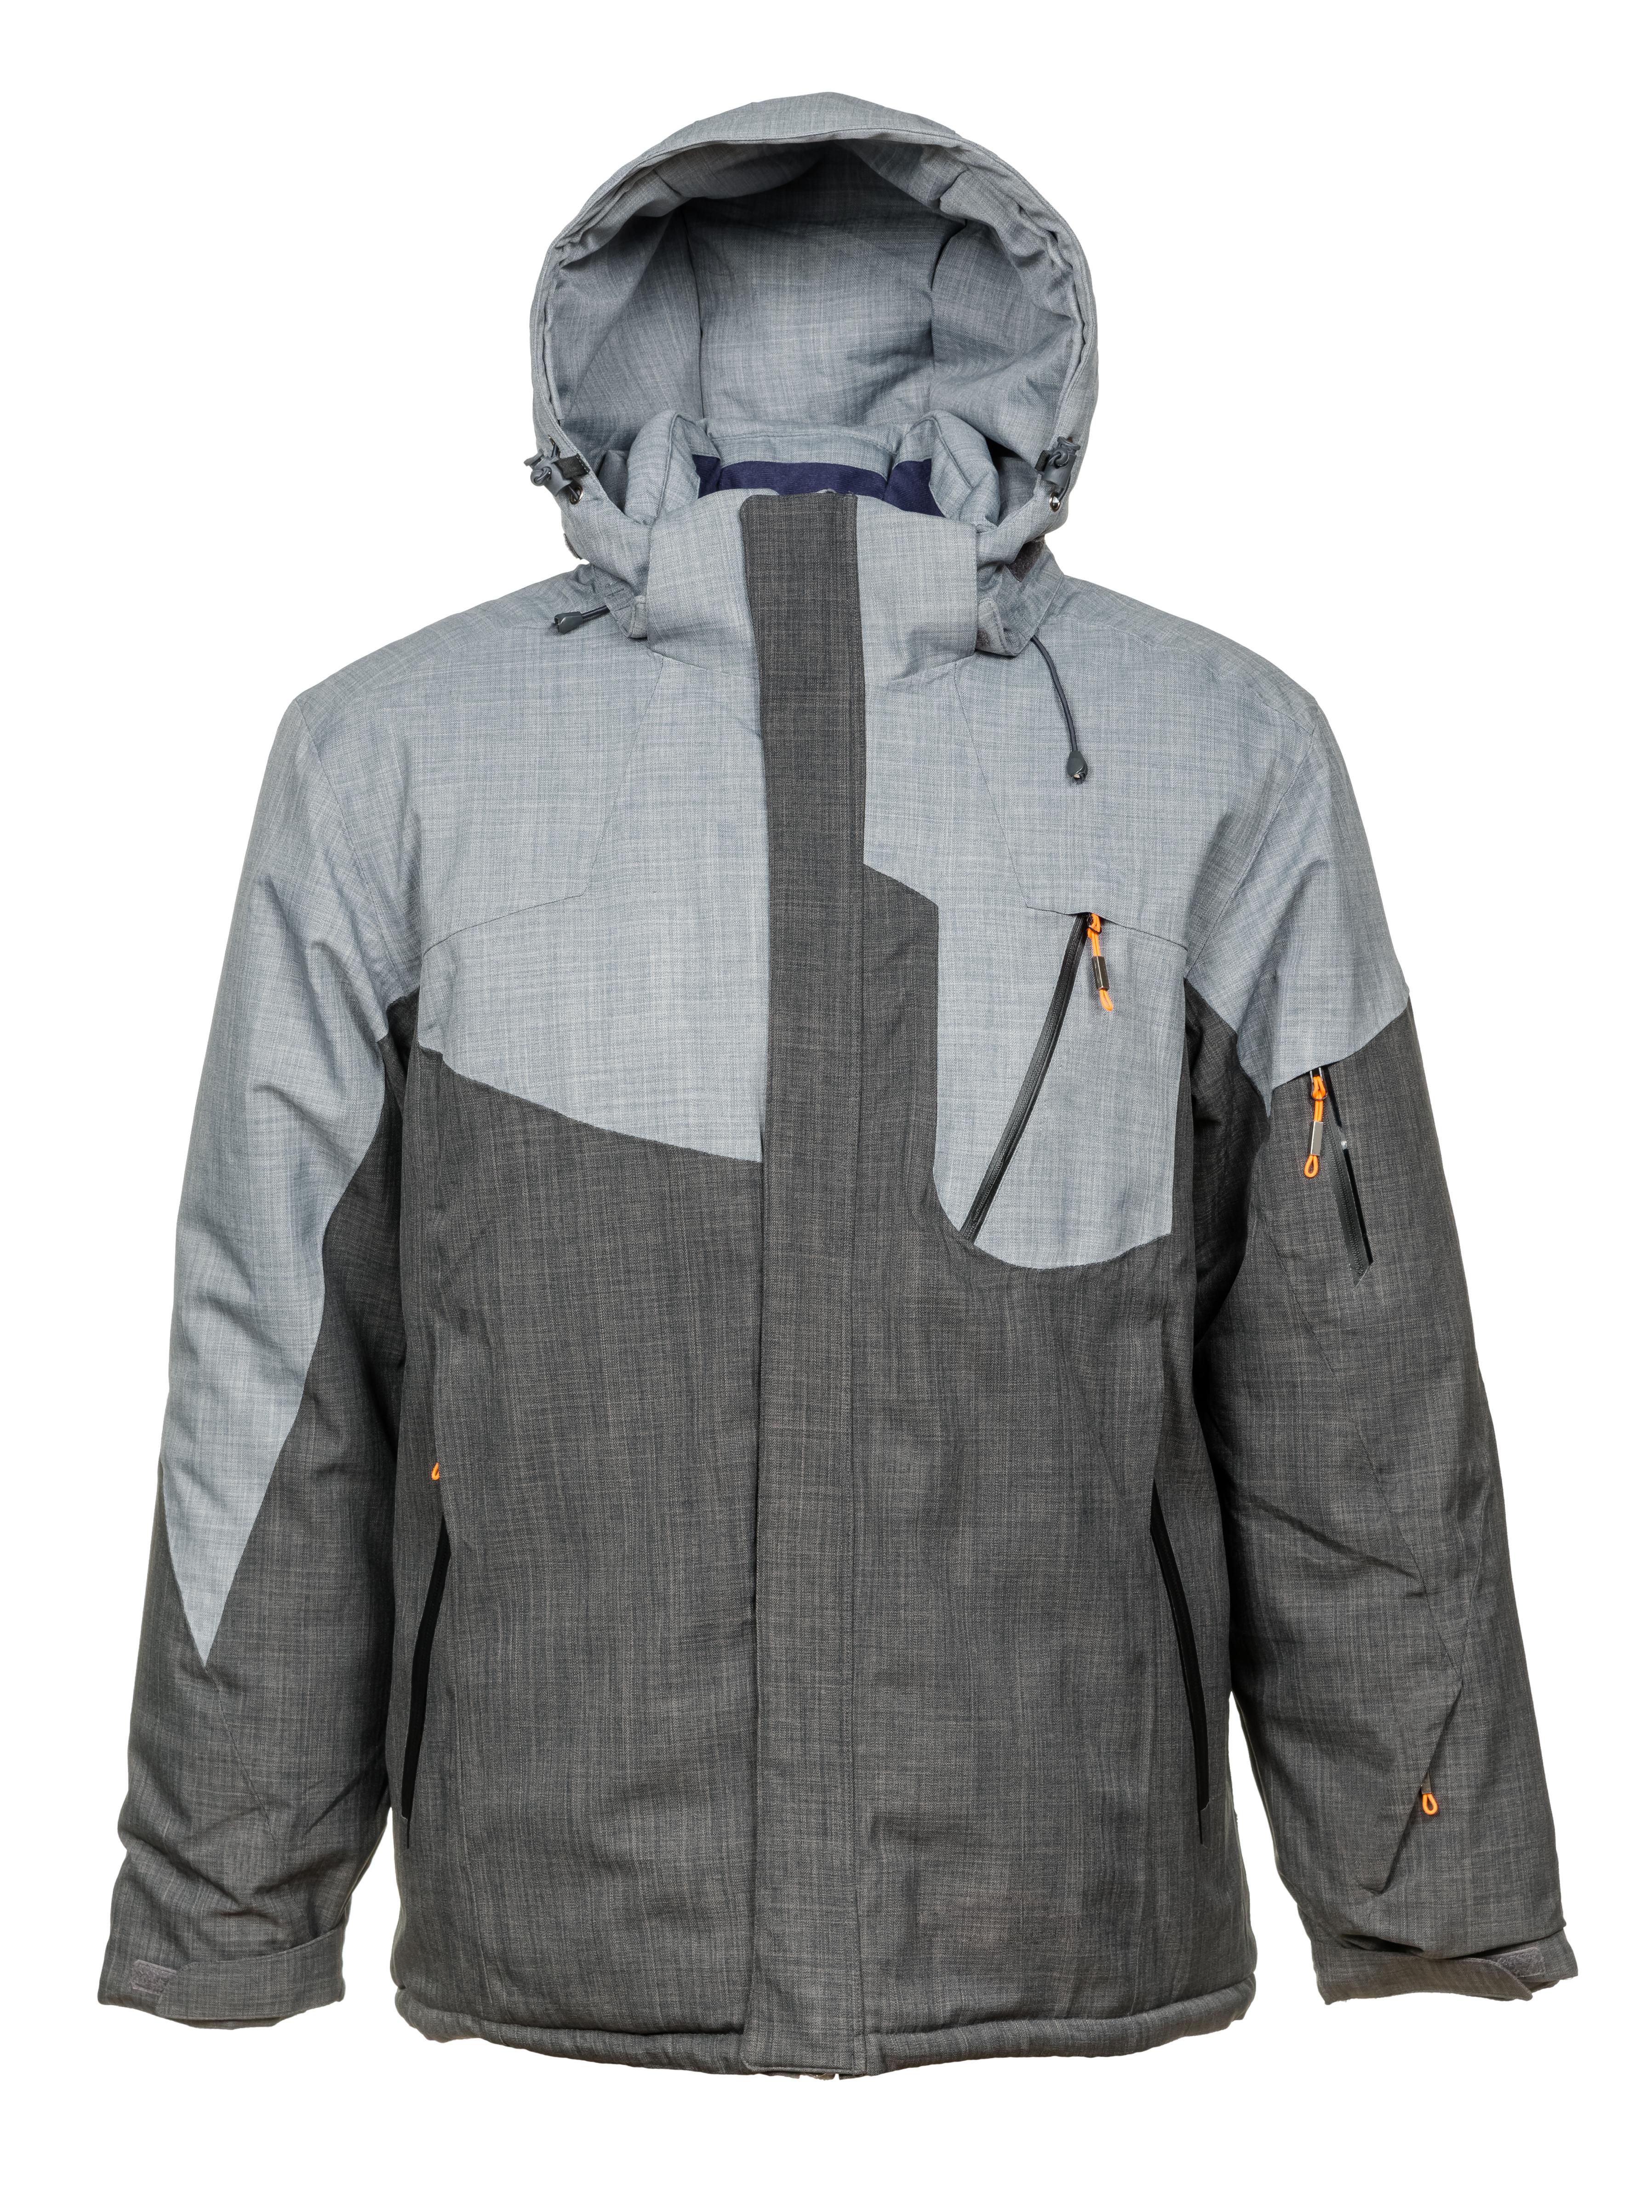 Custom made jackets (54)